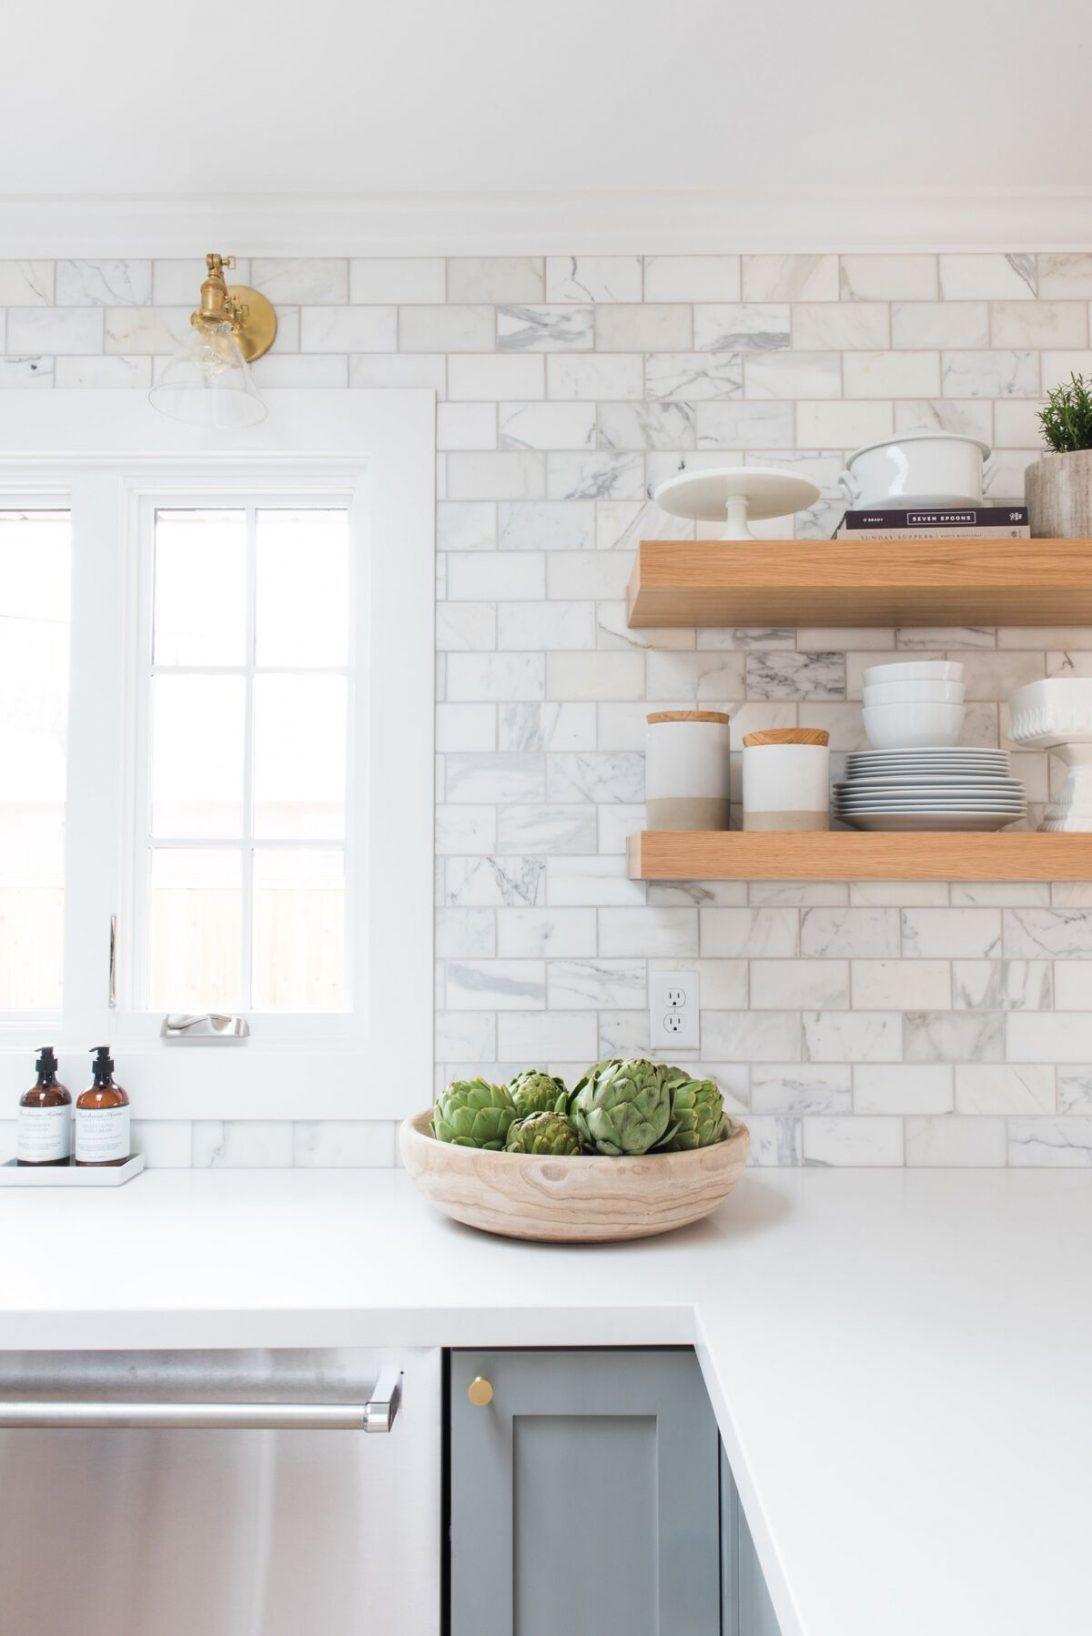 Kitchen Backsplash Tile 2017 Backsplash Tile Sheets 12x24 Tile